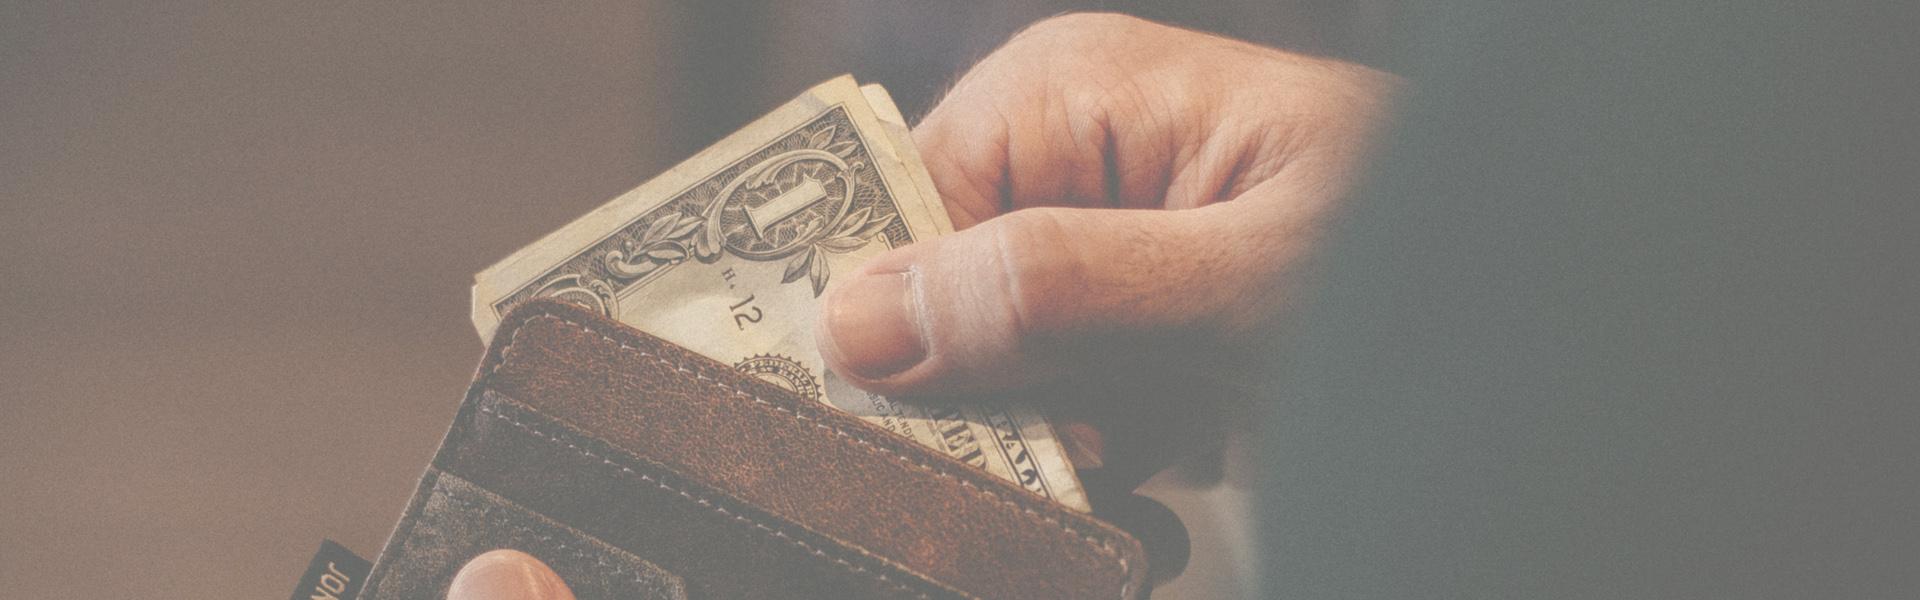 债权债务律师在线咨询